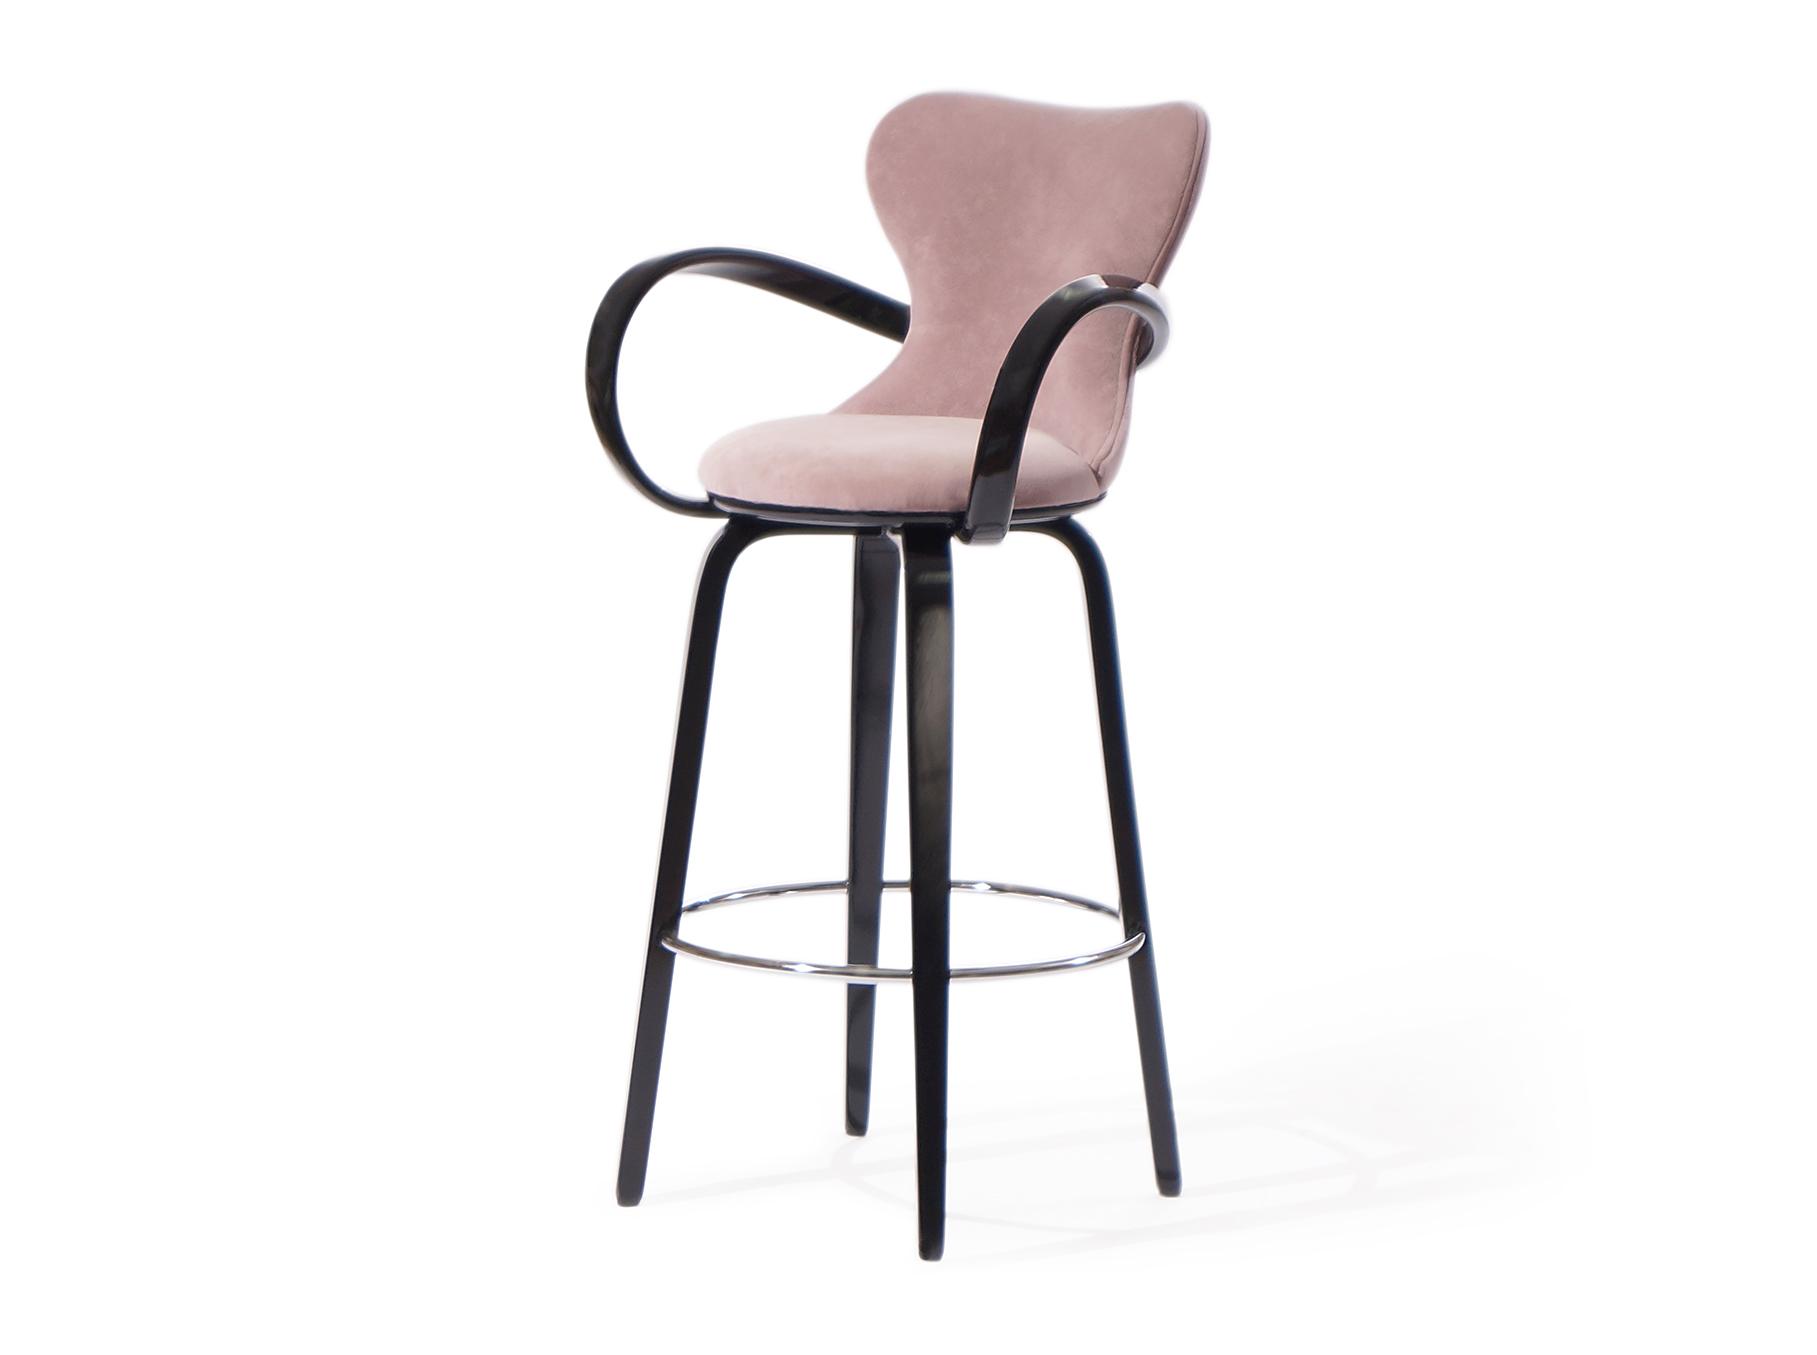 """Стул барный """"Apriori –S""""Барные стулья<br>барный  стул из натурального гнутого дерева.&amp;amp;nbsp;&amp;lt;div&amp;gt;Высота от пола до верха сидения 70см .&amp;lt;/div&amp;gt;<br><br>Material: Дерево<br>Ширина см: 53.0<br>Высота см: 108.0<br>Глубина см: 53.0"""